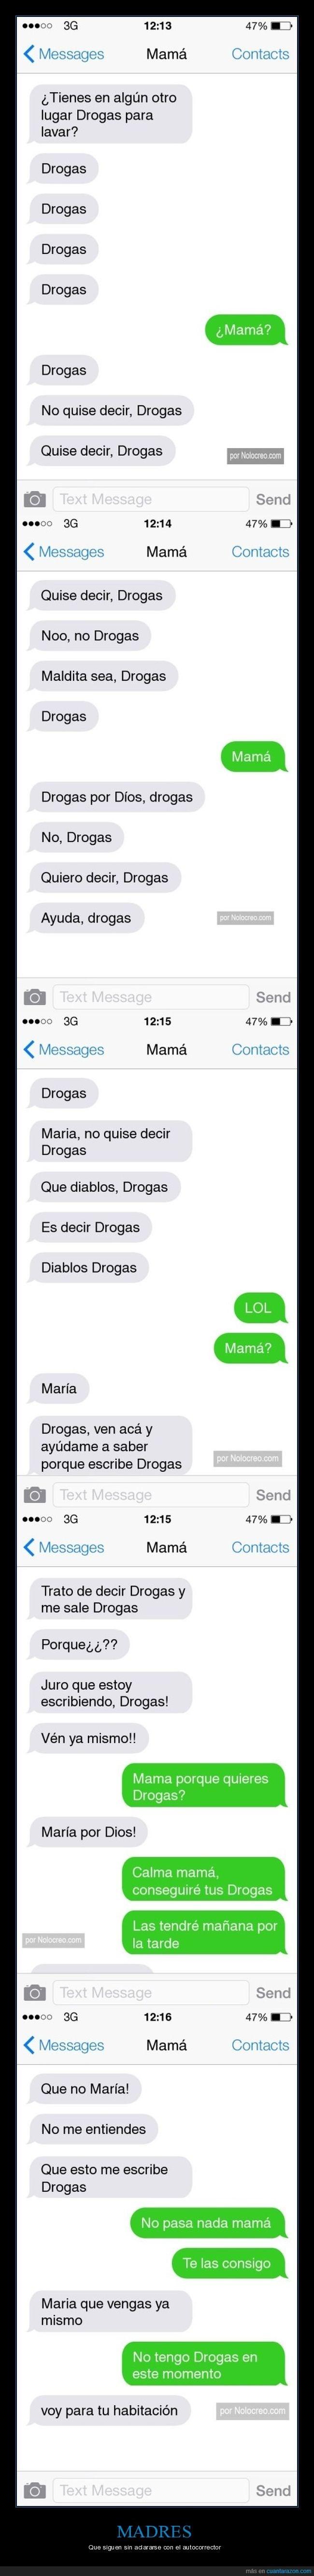 chica cambia la palabra ropa por drogas en el celular de su mama